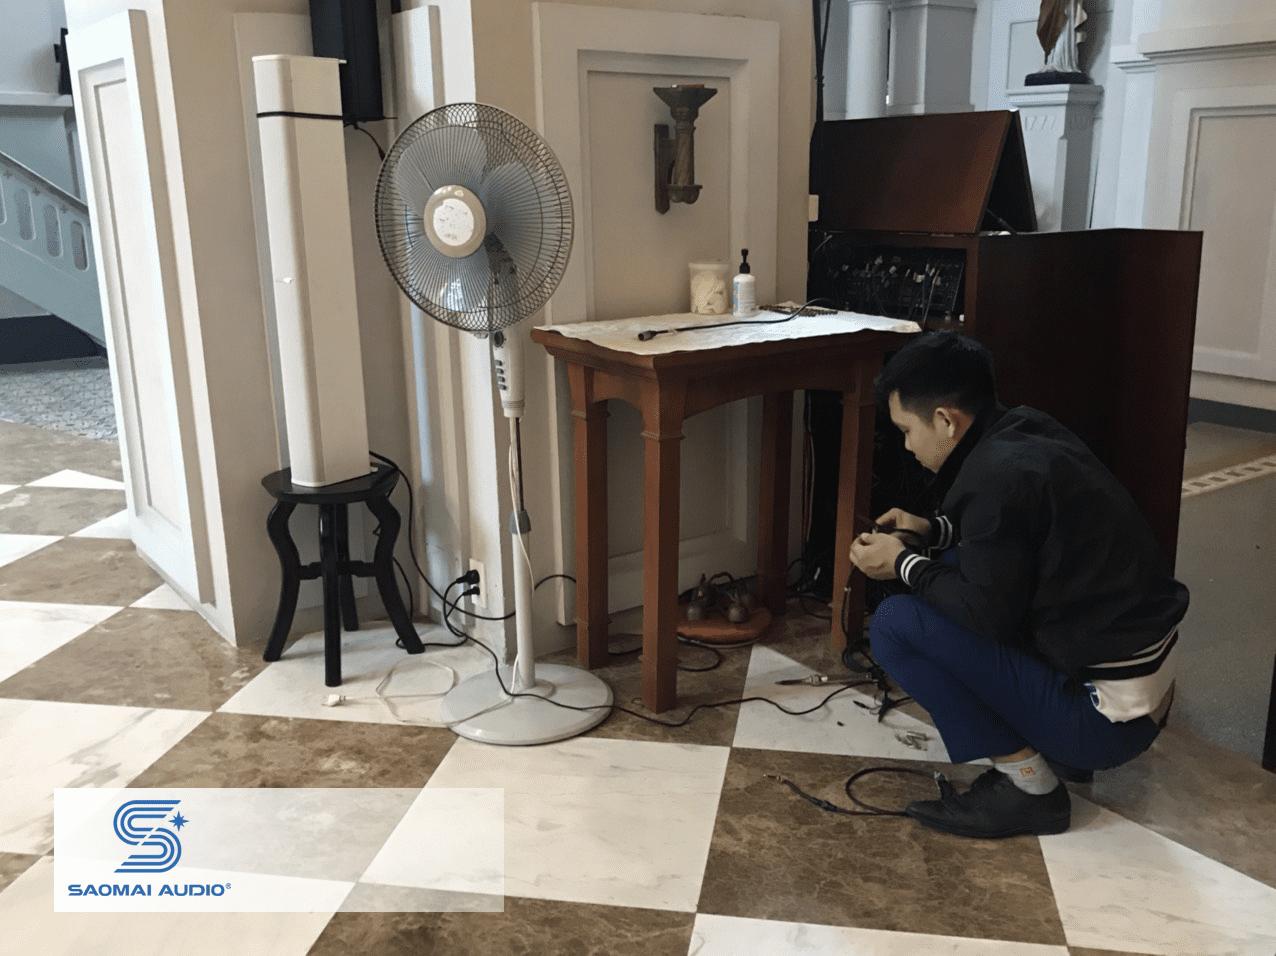 Kỹ thuật của Saomai Audio đang hiệu chỉnh âm thanh